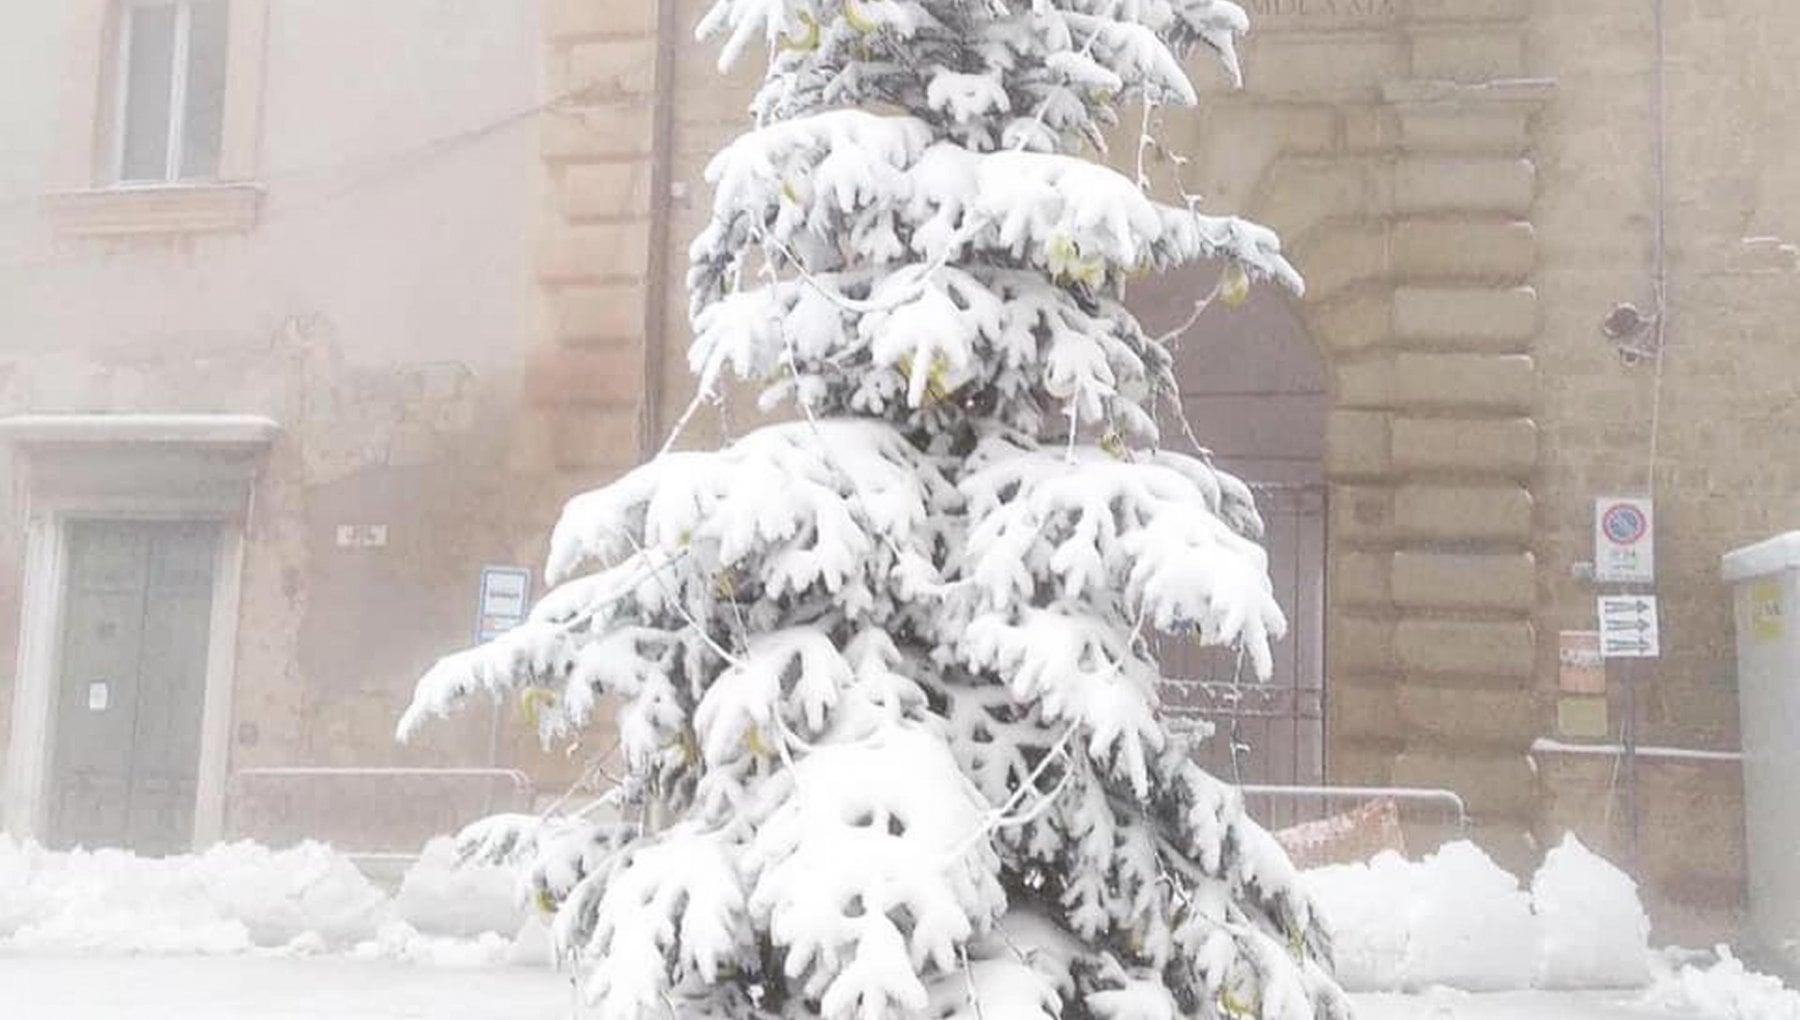 105838887 d0db68fc b979 41b0 8e00 25508f86d5a8 - Maltempo, Brennero bloccato per neve e gelo in arrivo dalla Siberia